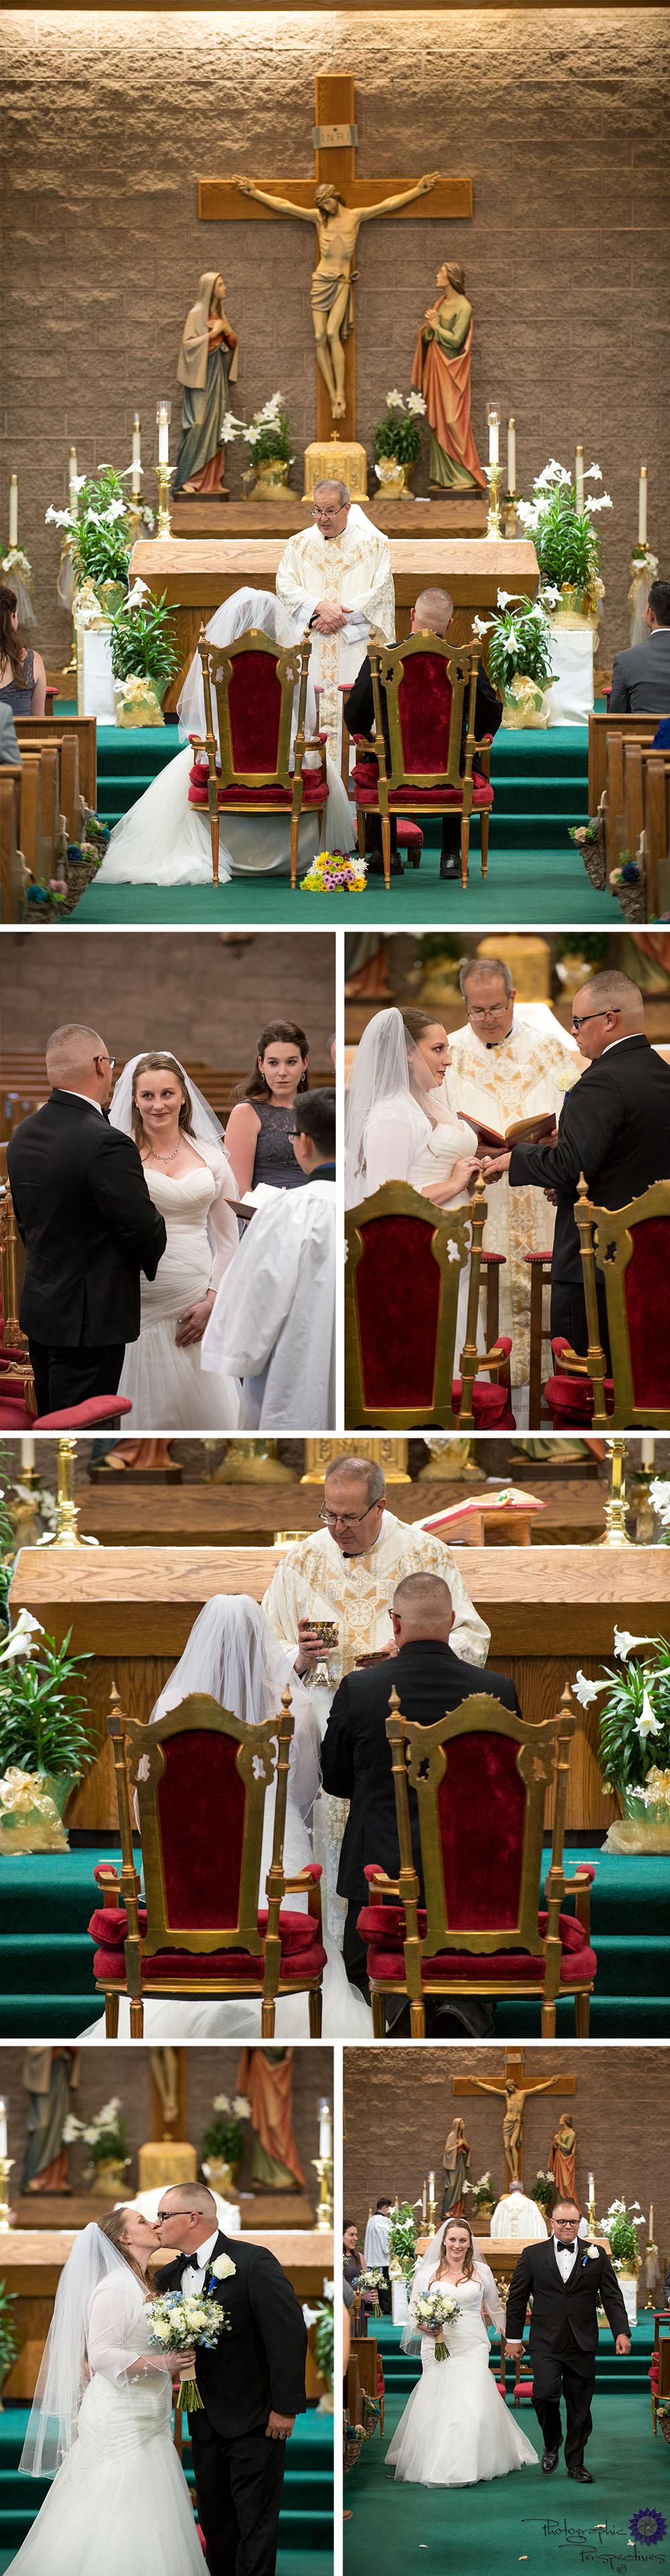 Catholic Wedding | ABQ Wedding Photography